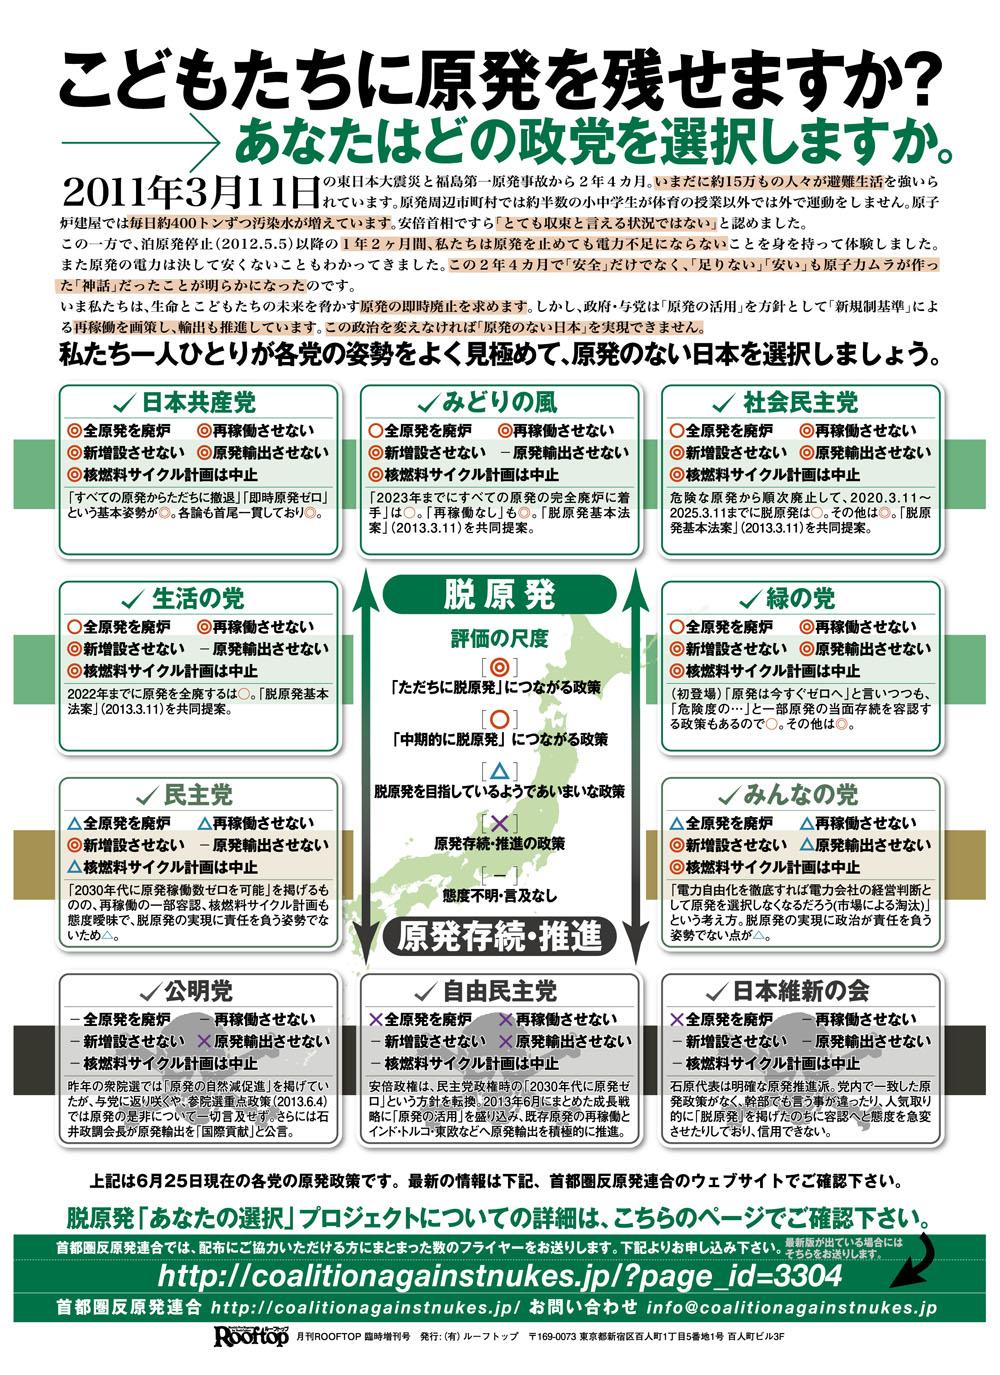 choice2013_sml.jpg